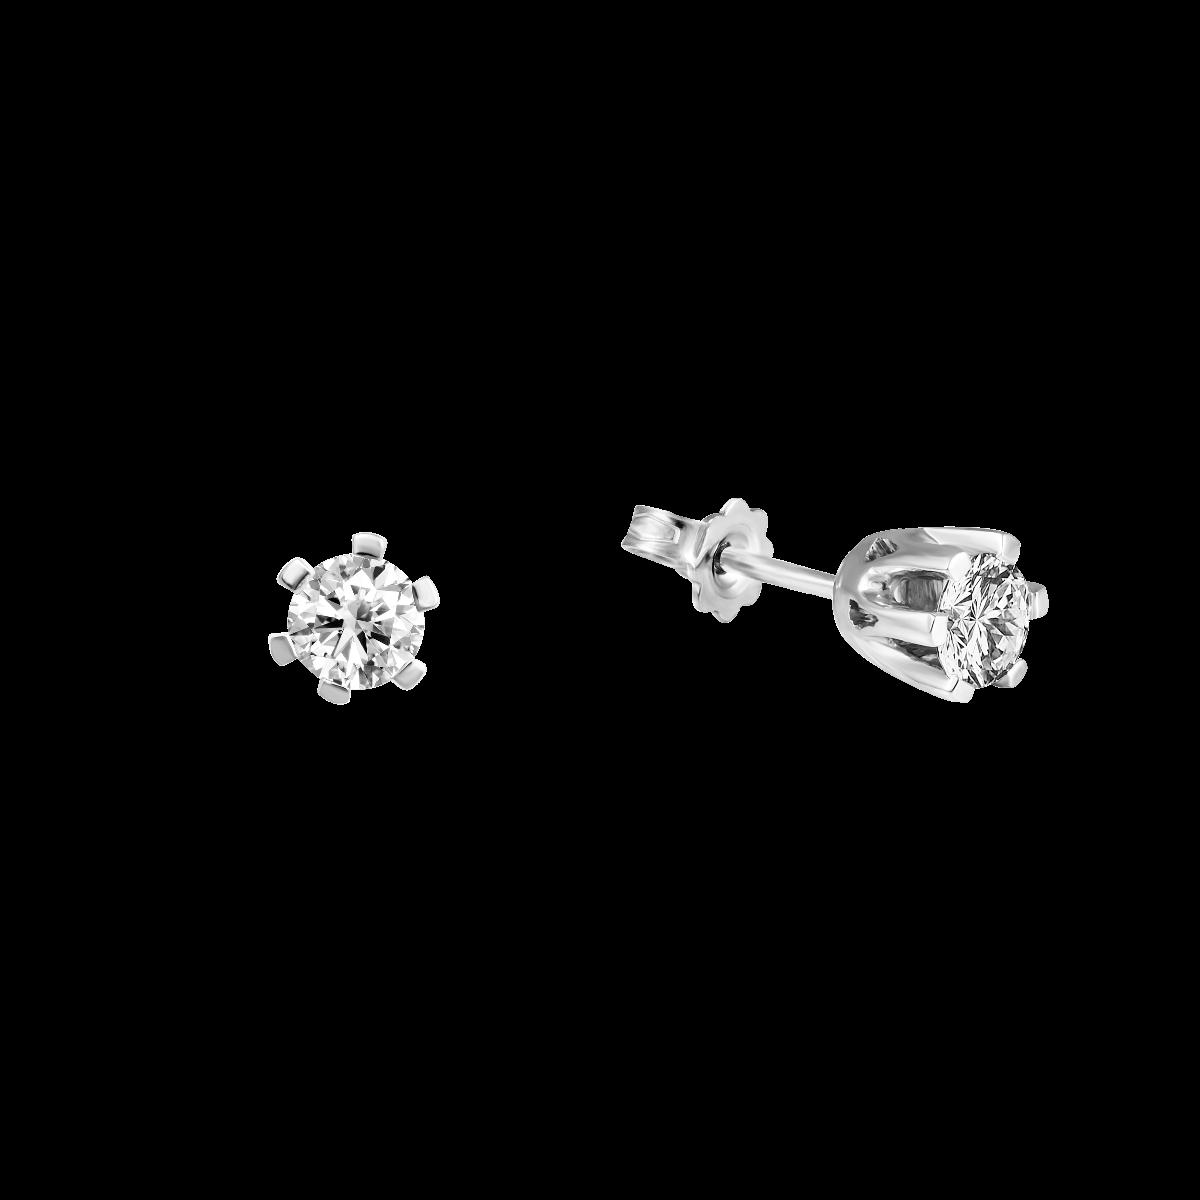 Pendientes de diamantes cortos en oro blanco